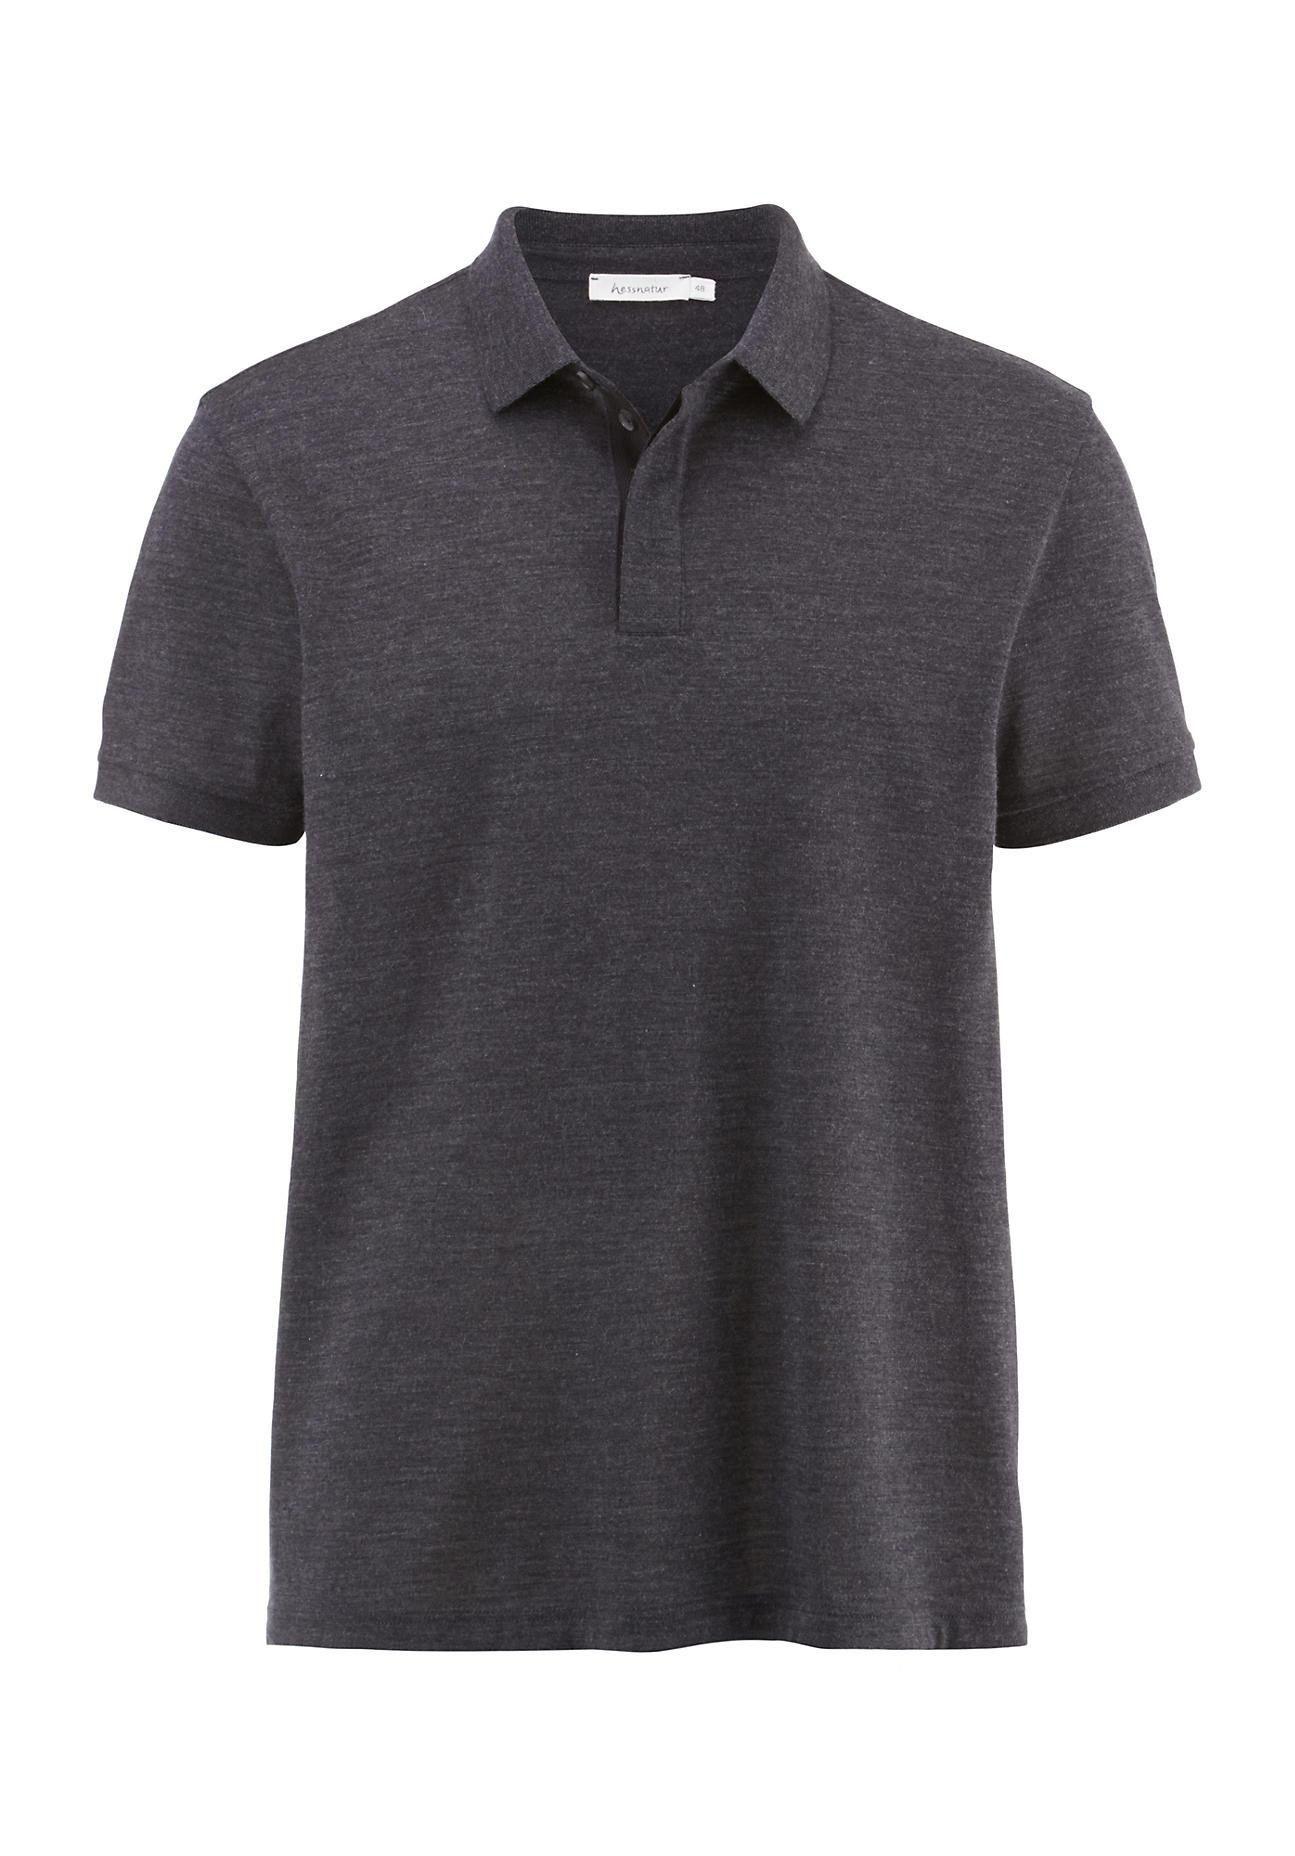 hessnatur Herren Poloshirt aus Merinowolle – schwarz – Größe 54